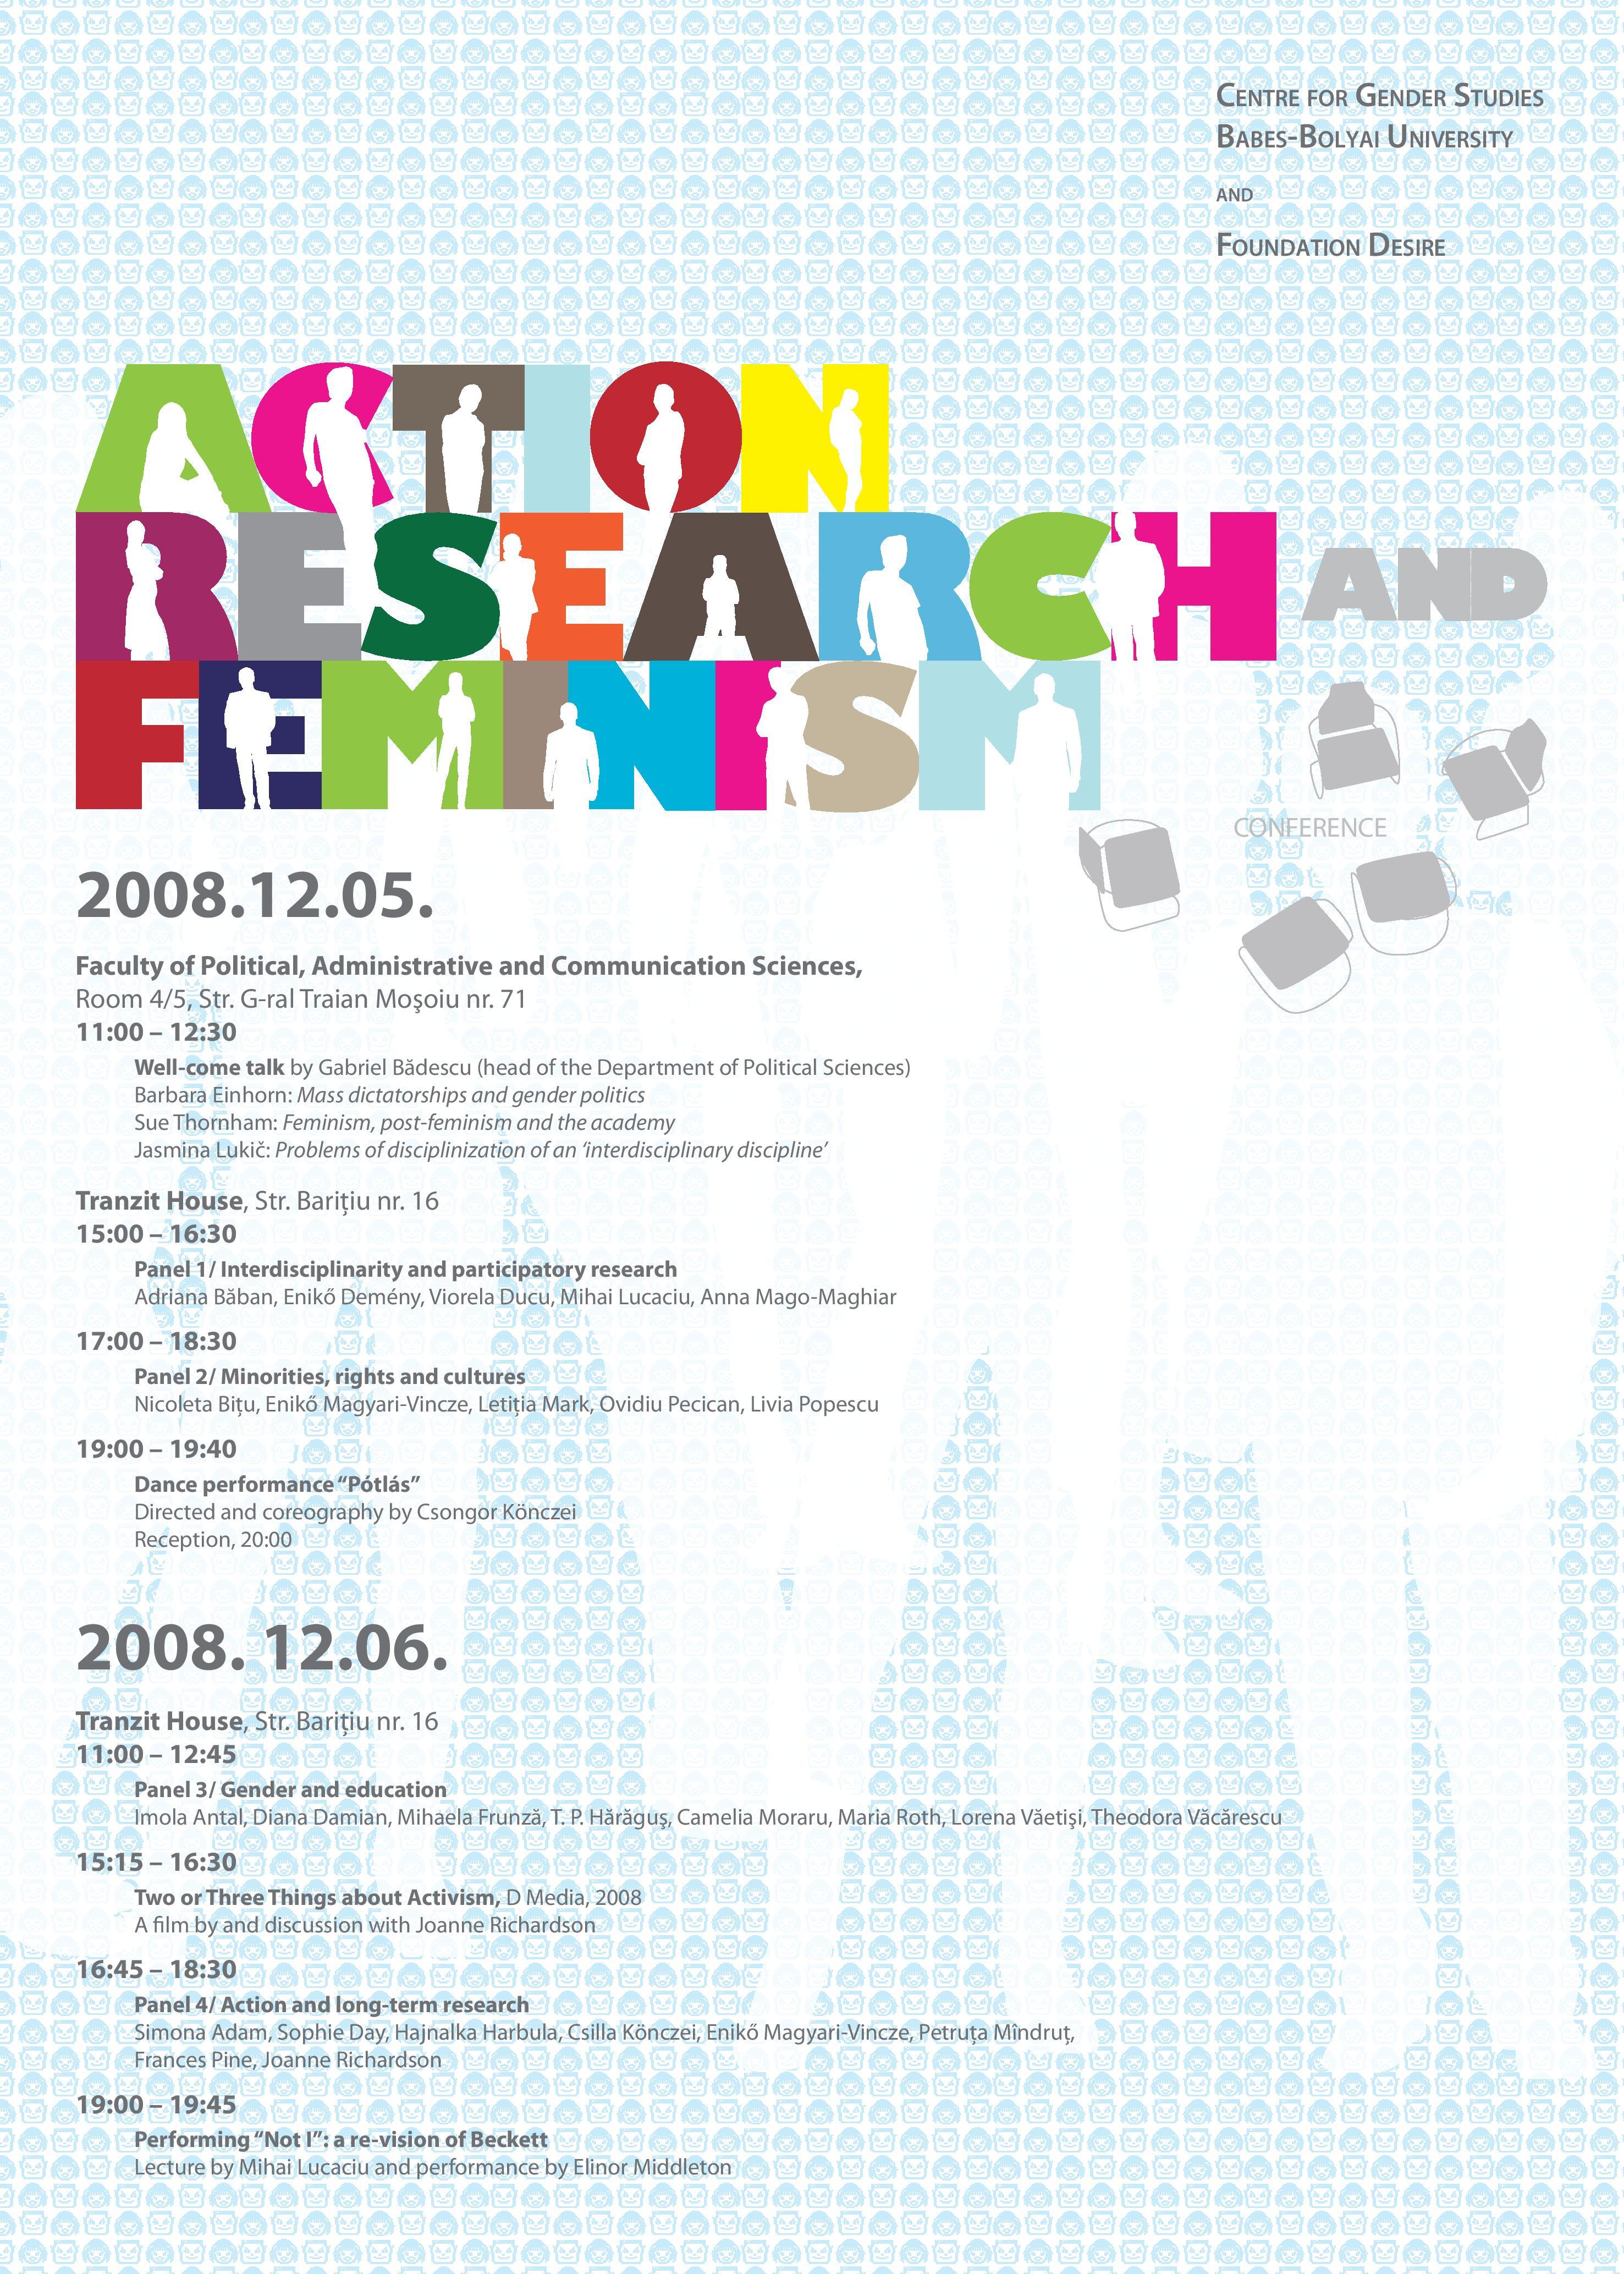 afis conf 2008